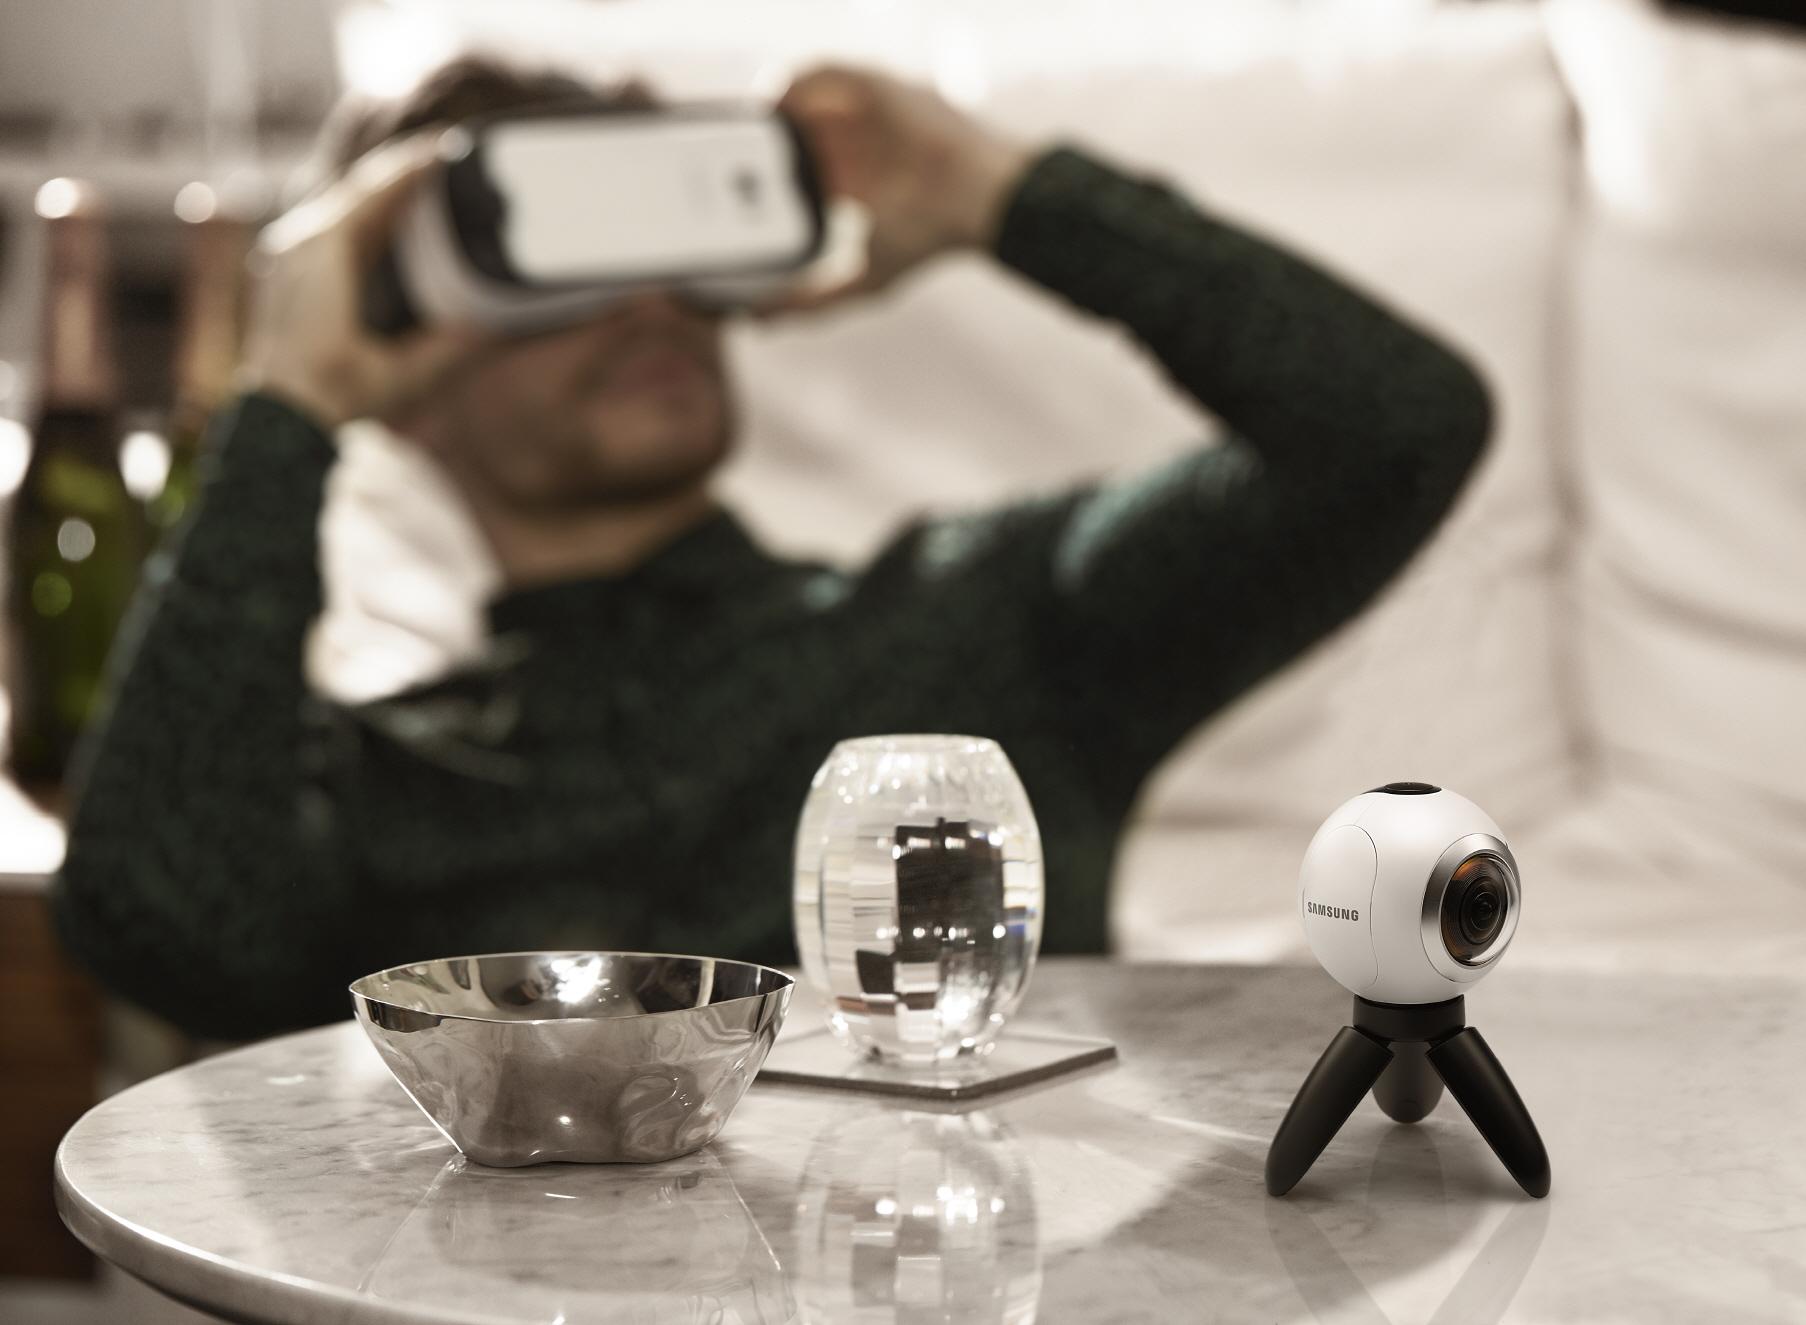 Samsung Gear 360 lifestyle shot